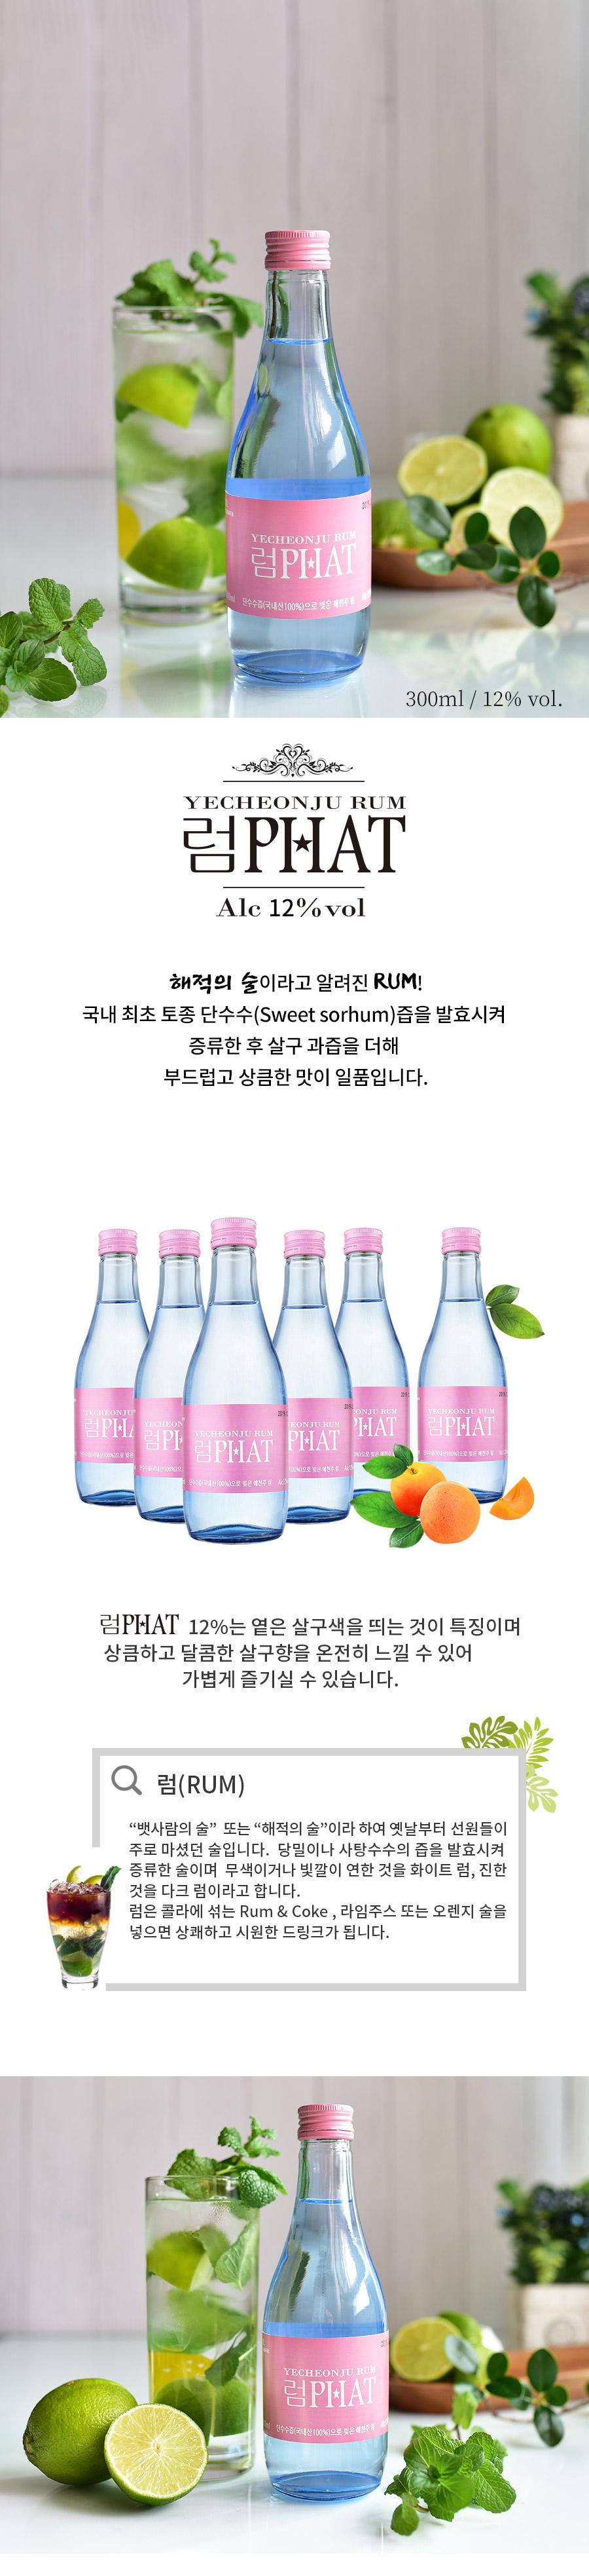 02-럼6병-핑크_01.jpg